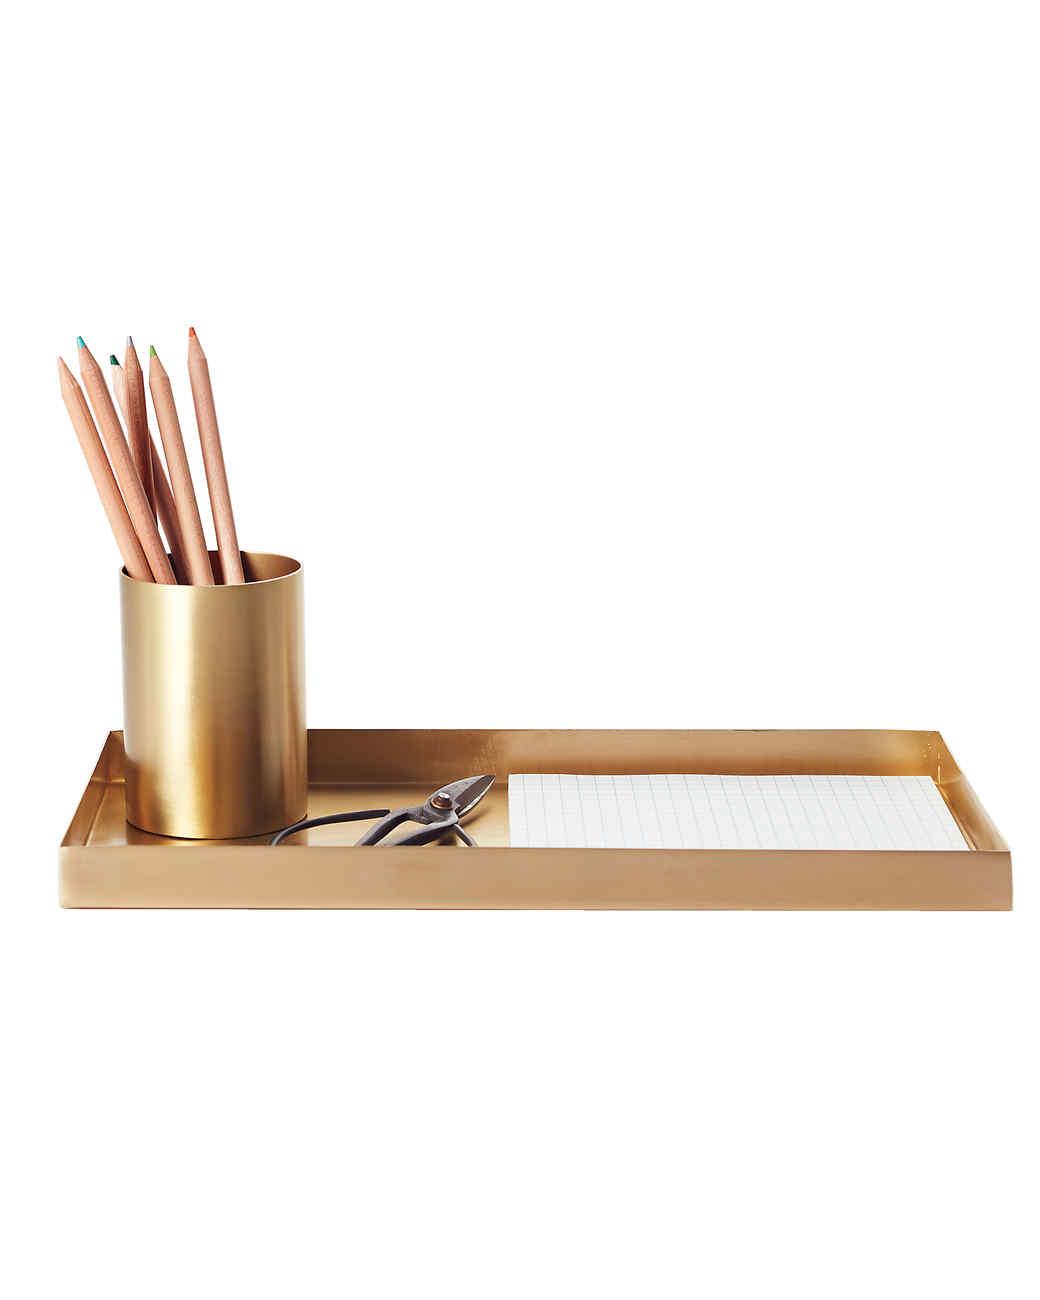 poketo-brass-desk-set-163-d111615.jpg